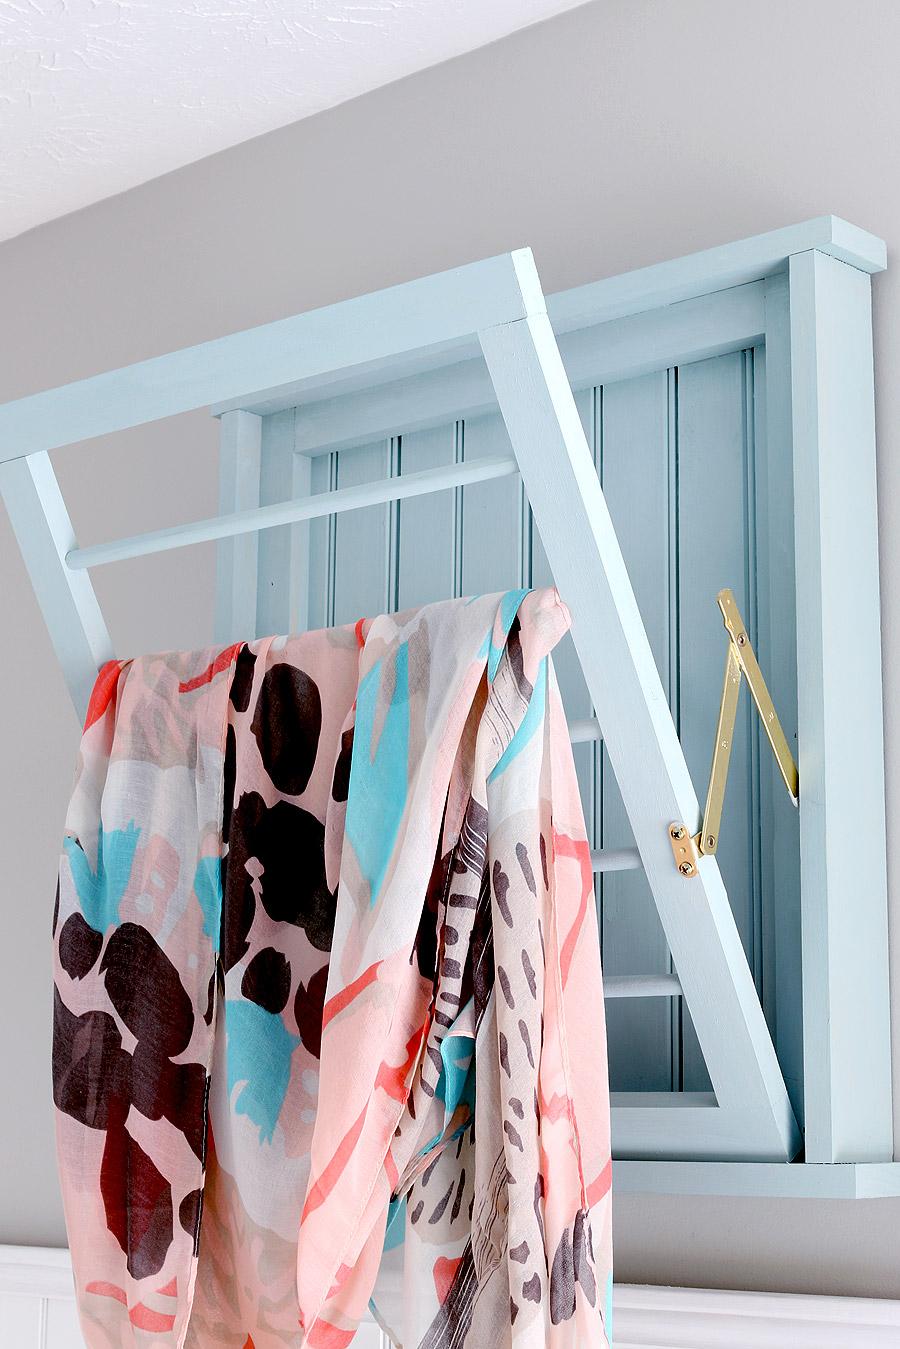 laundry-rack-styled